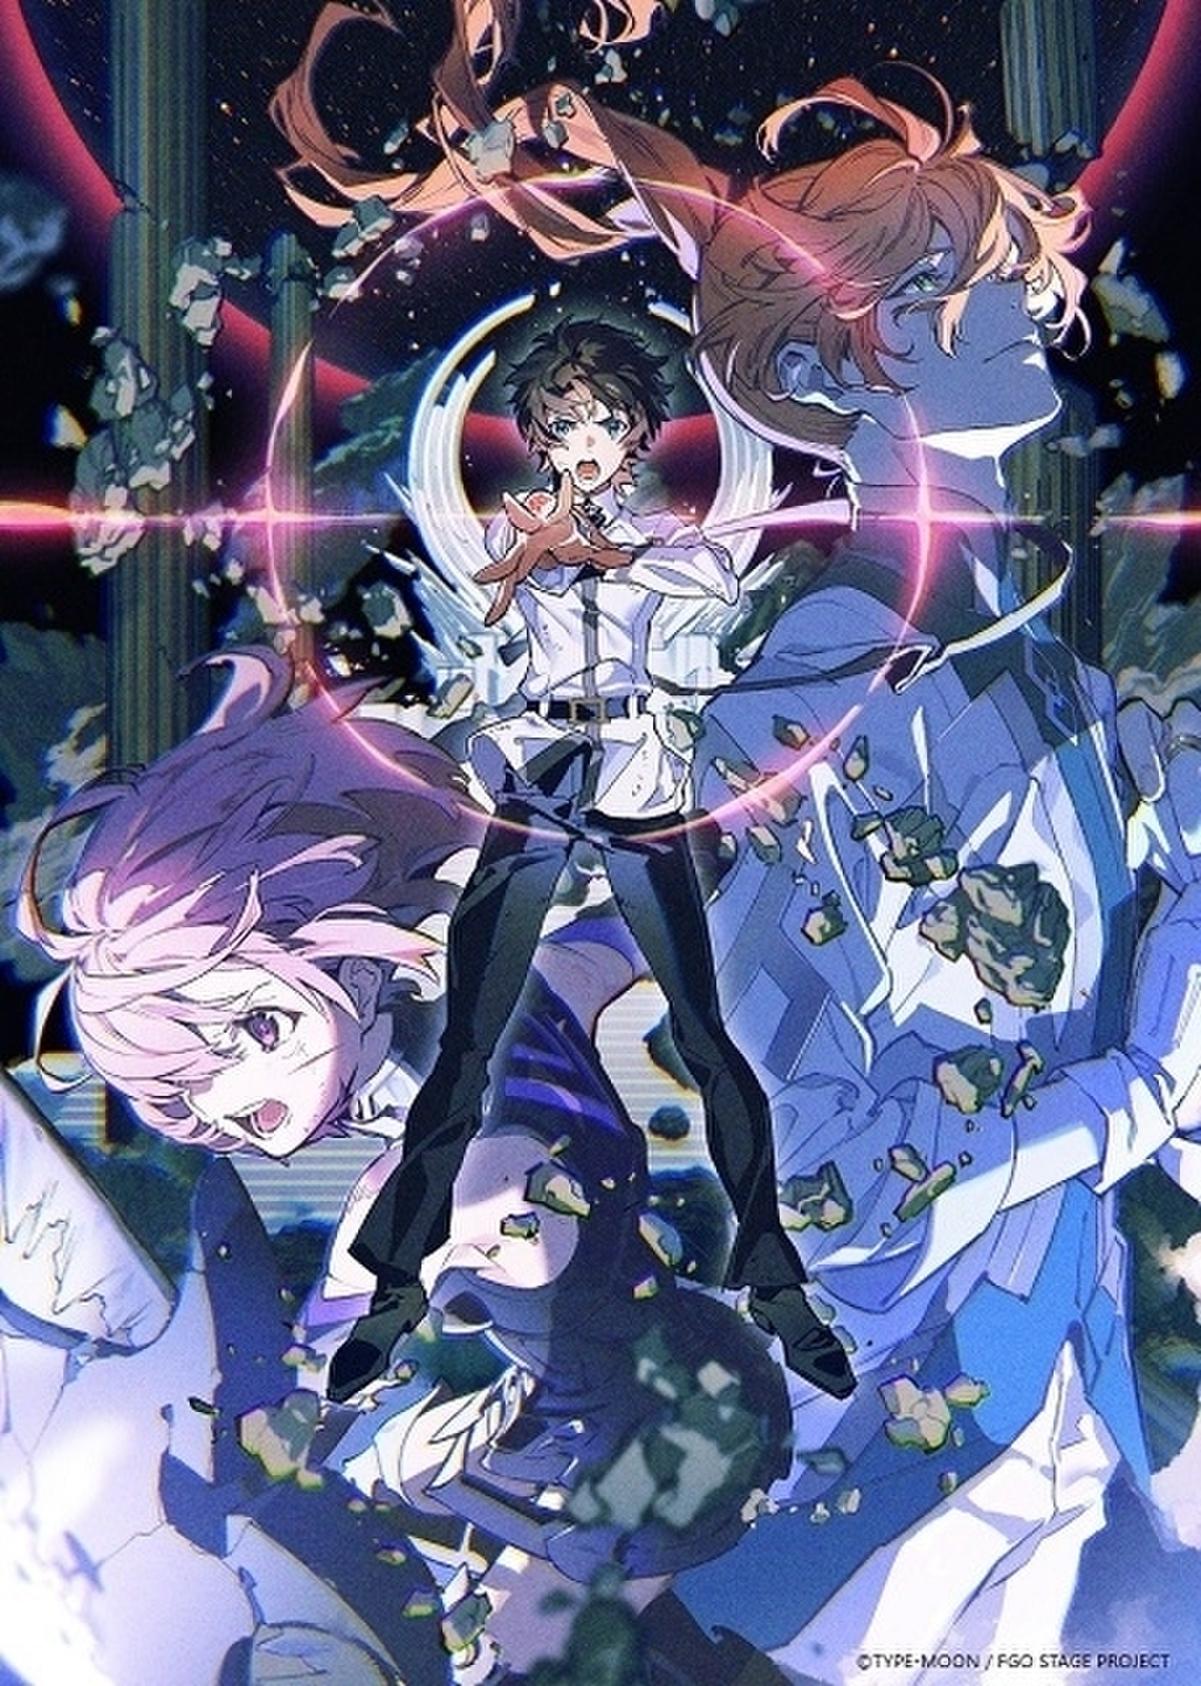 新作!?「Fate/Grand Order 」7月公開決定!